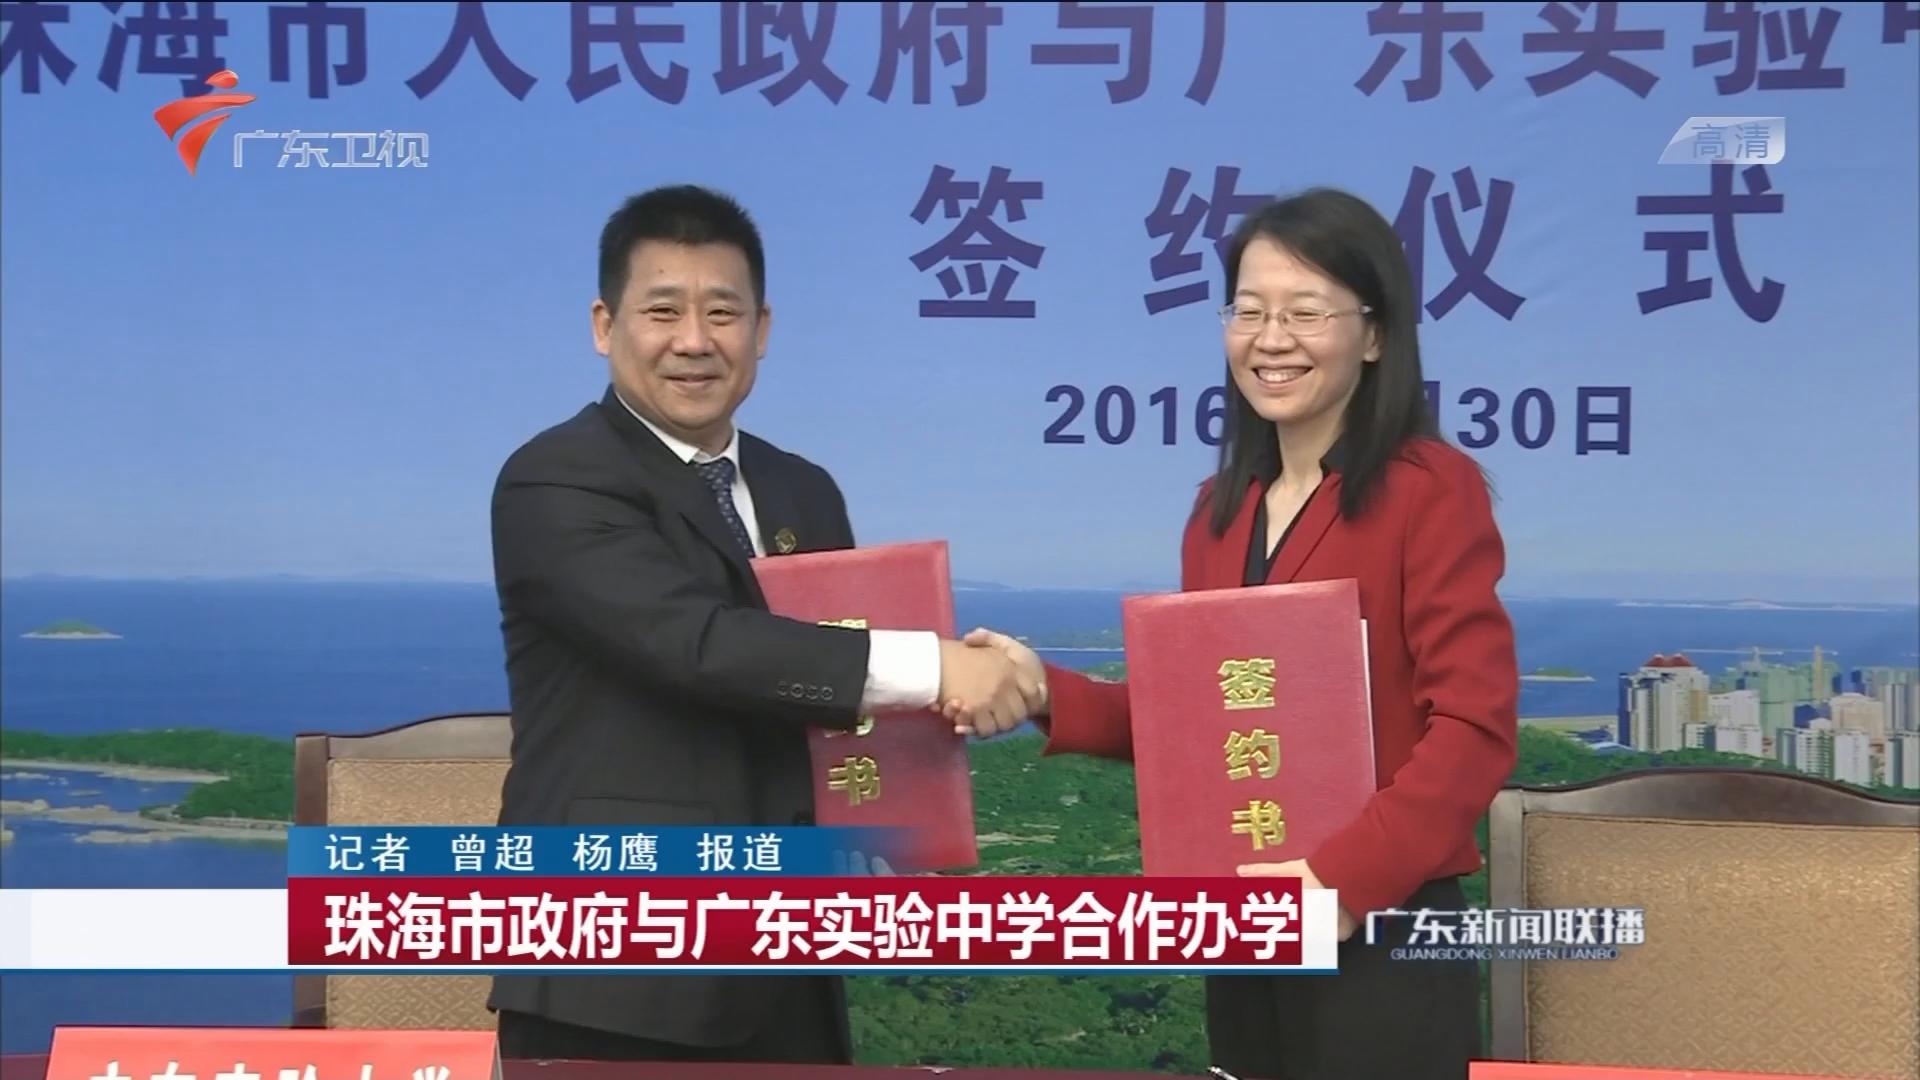 珠海市政府与广东实验中学合作办学